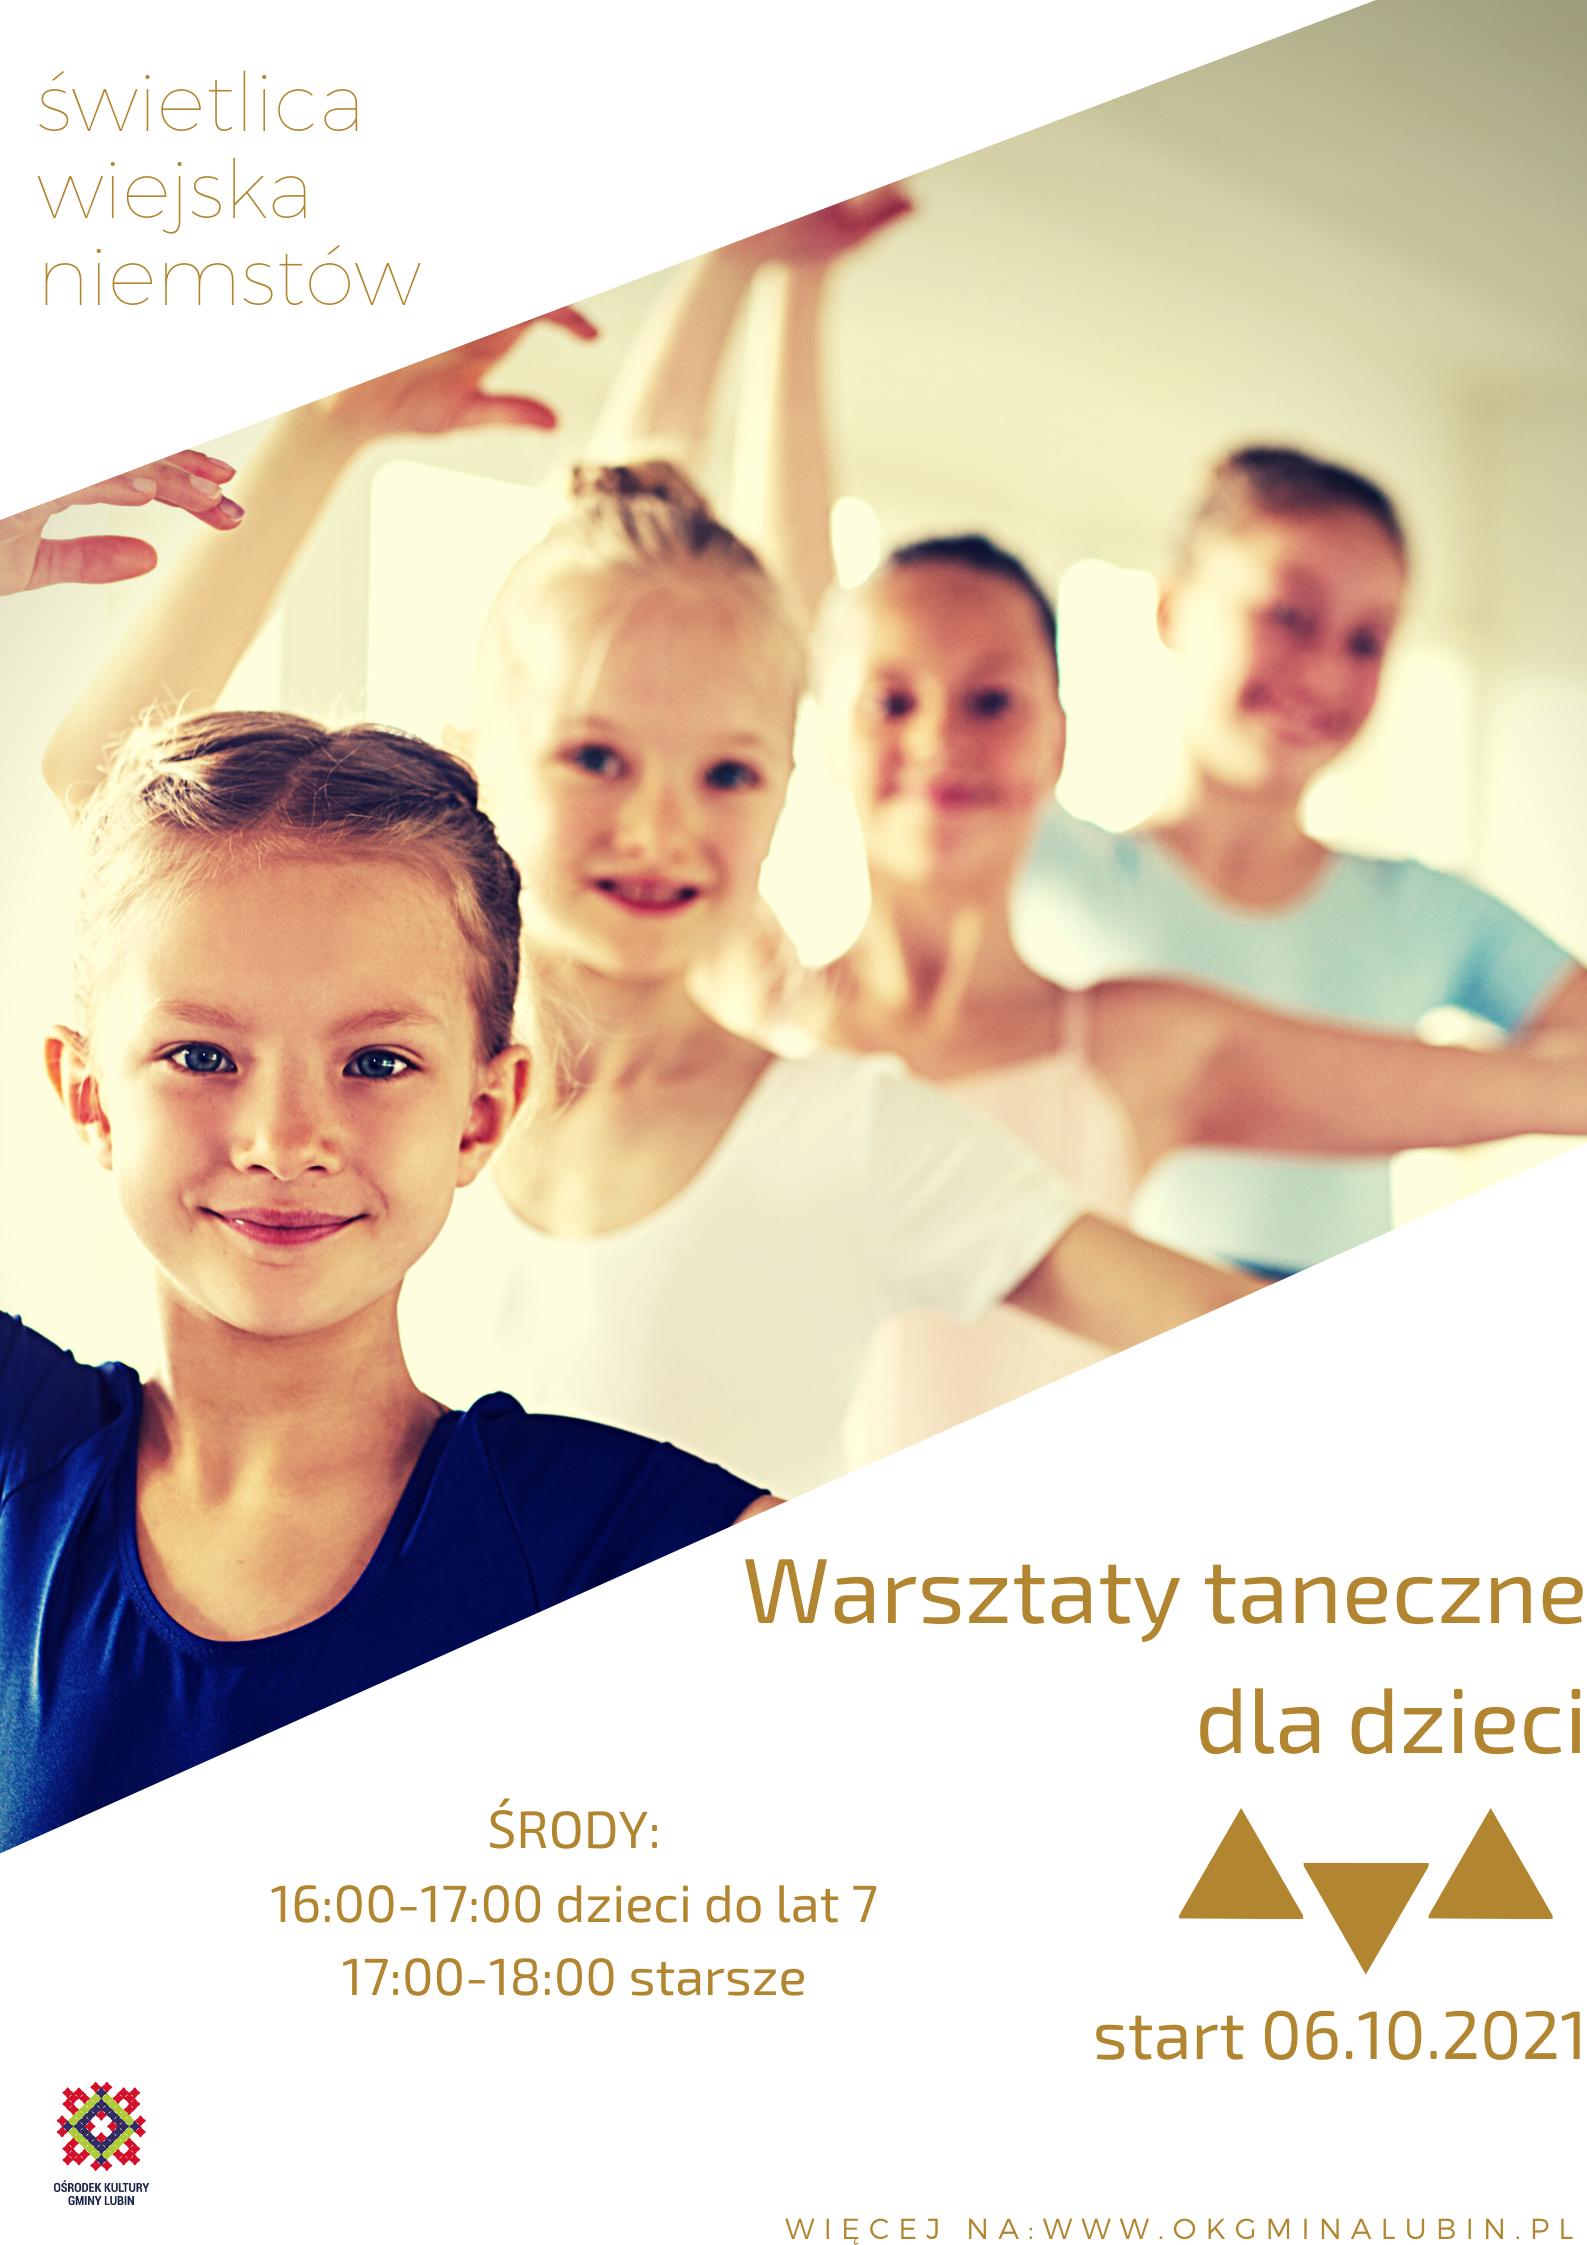 zajęcia taneczne dla dzieci w niemstowie